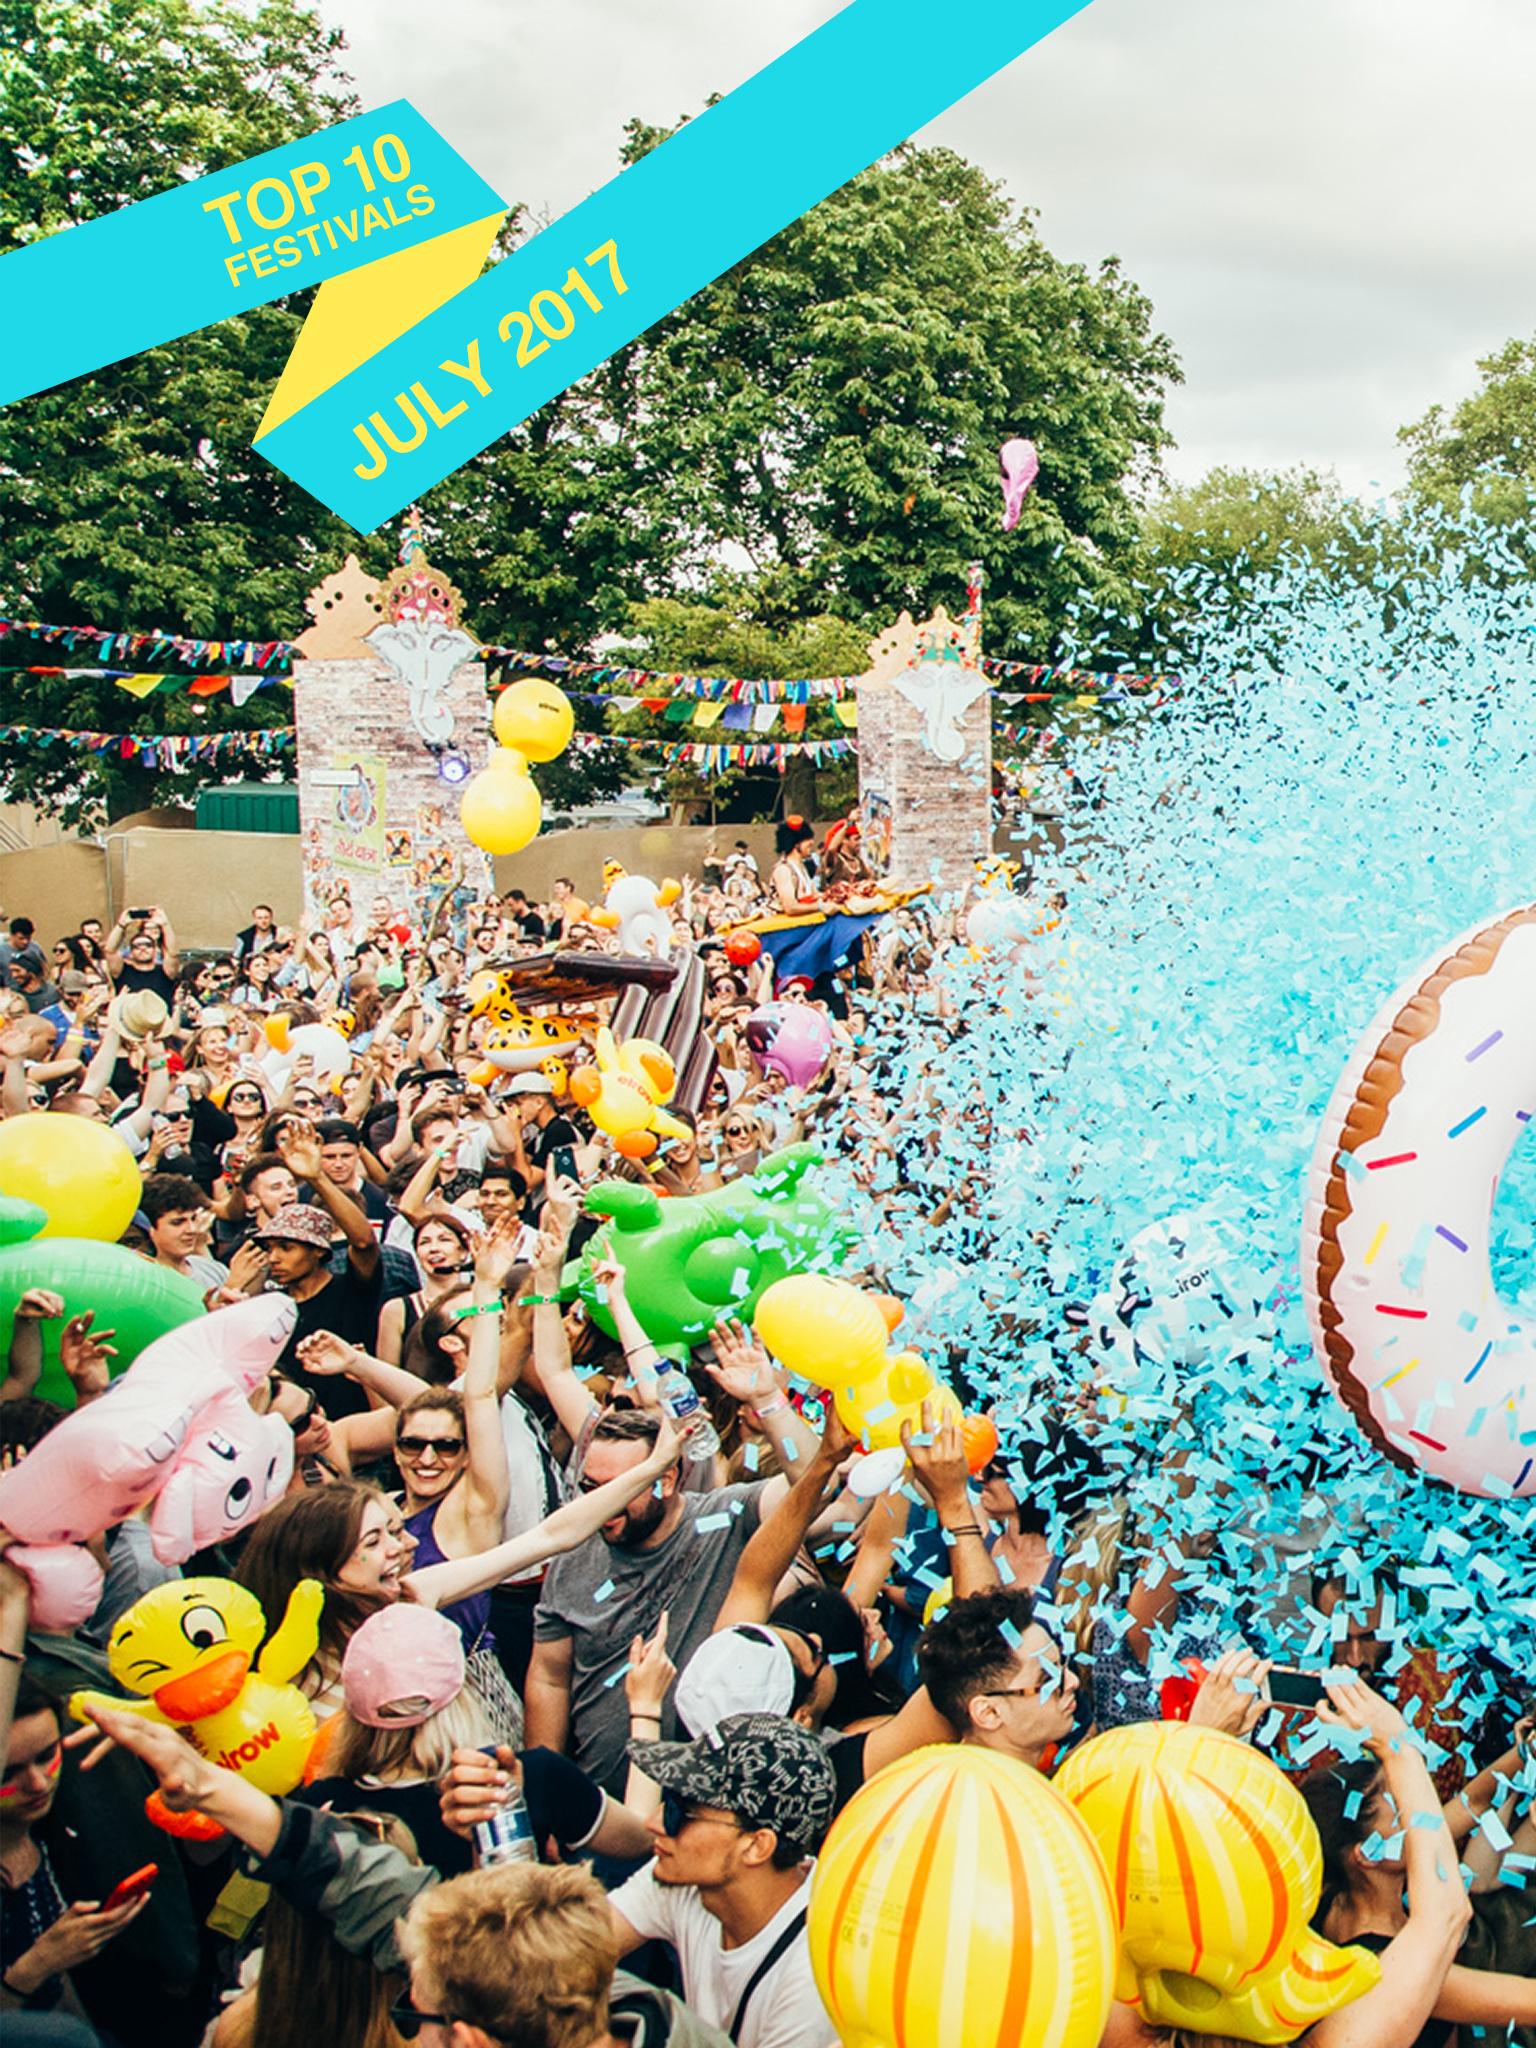 RA: Top 10 July 2017 Festivals